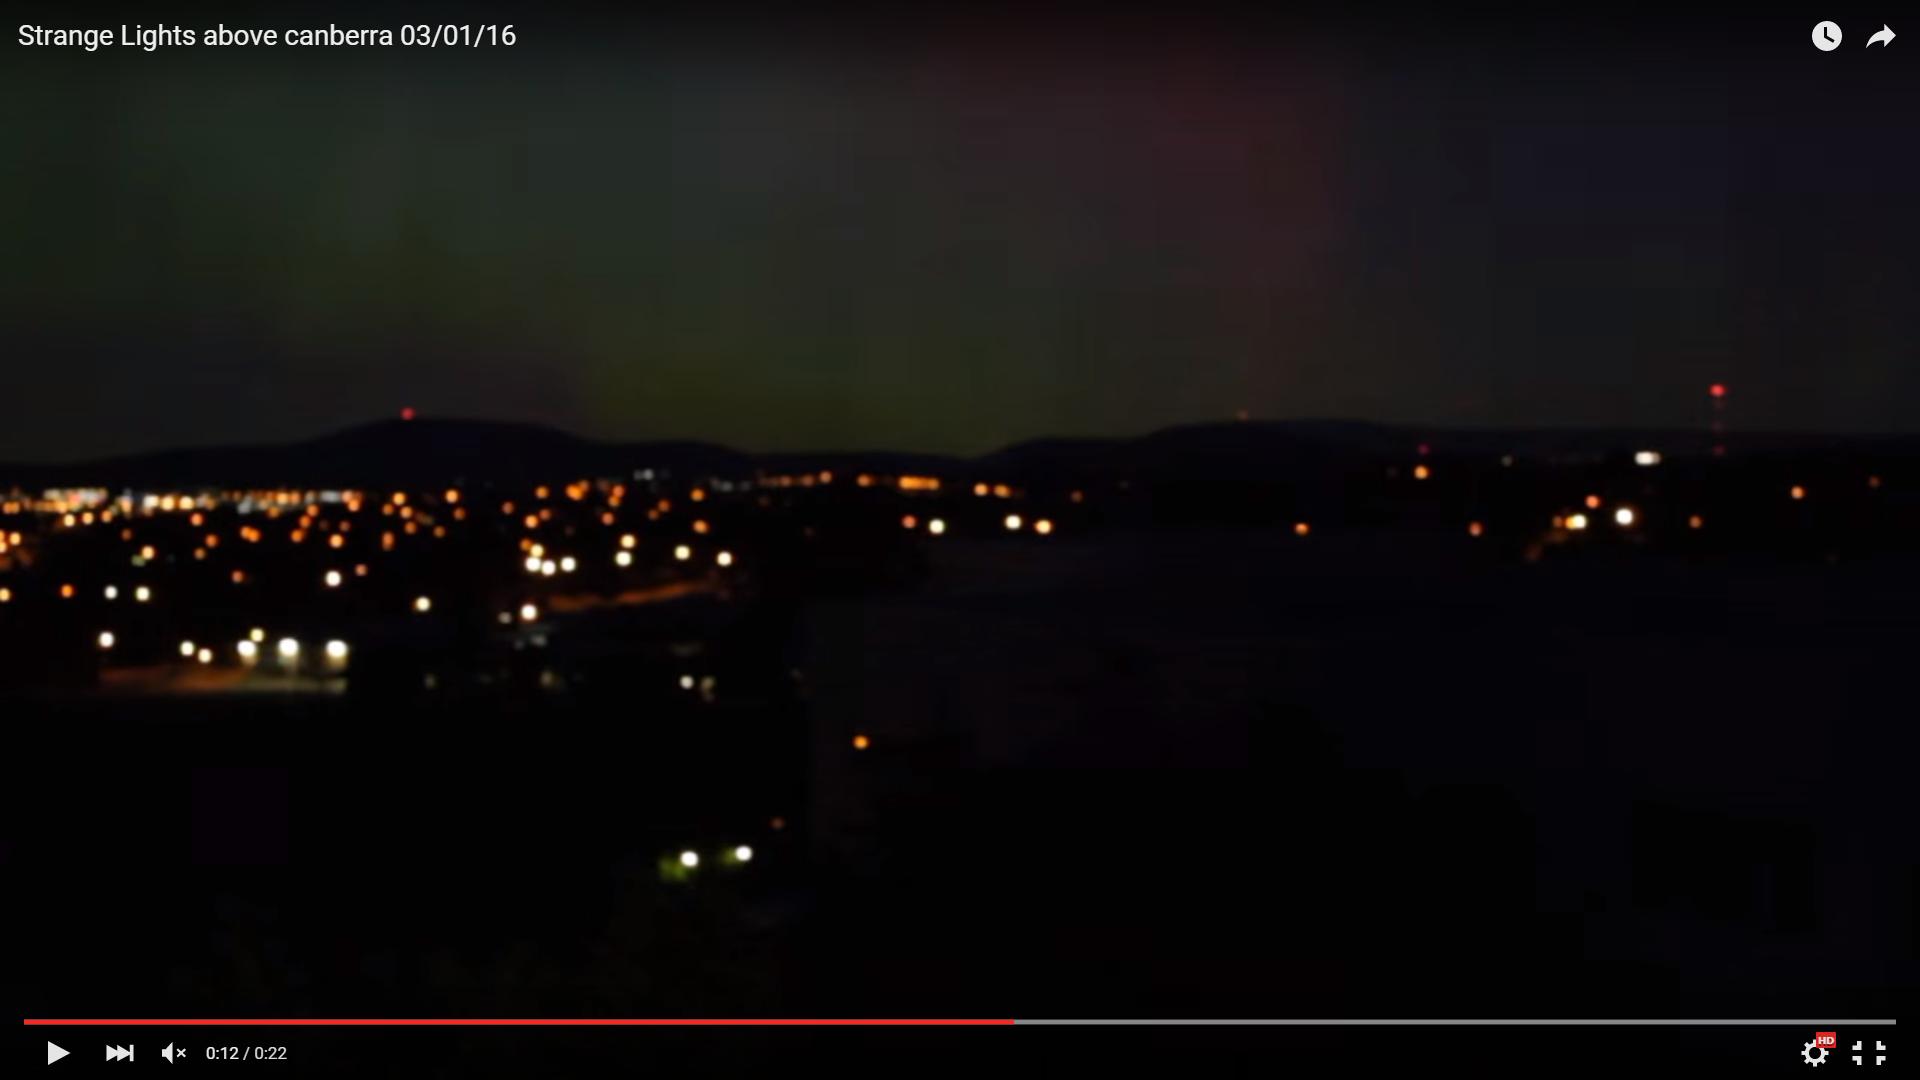 Из видео очевидца следует, что это действительно плазменный шар раскалённых газов. В небе возникла точка пространства с колоссальным выбросом энергии электрической природы. При достижении предела превзошел взрыв в виде плазменного шара диаметром несколько километров. Взрыв был, где-то на границе стратосферы и атмосферы, на высоте от 12 до 15 километров. После угасания энергии взрыва, образовалось радиальное кольцо, подобные кольца формируются при мощных ядерных взрывах и создаются ударной сверхзвуковой волной. Раскадровка видео в последовательной очерёдности нажмите на фото для увеличения Пустое небо